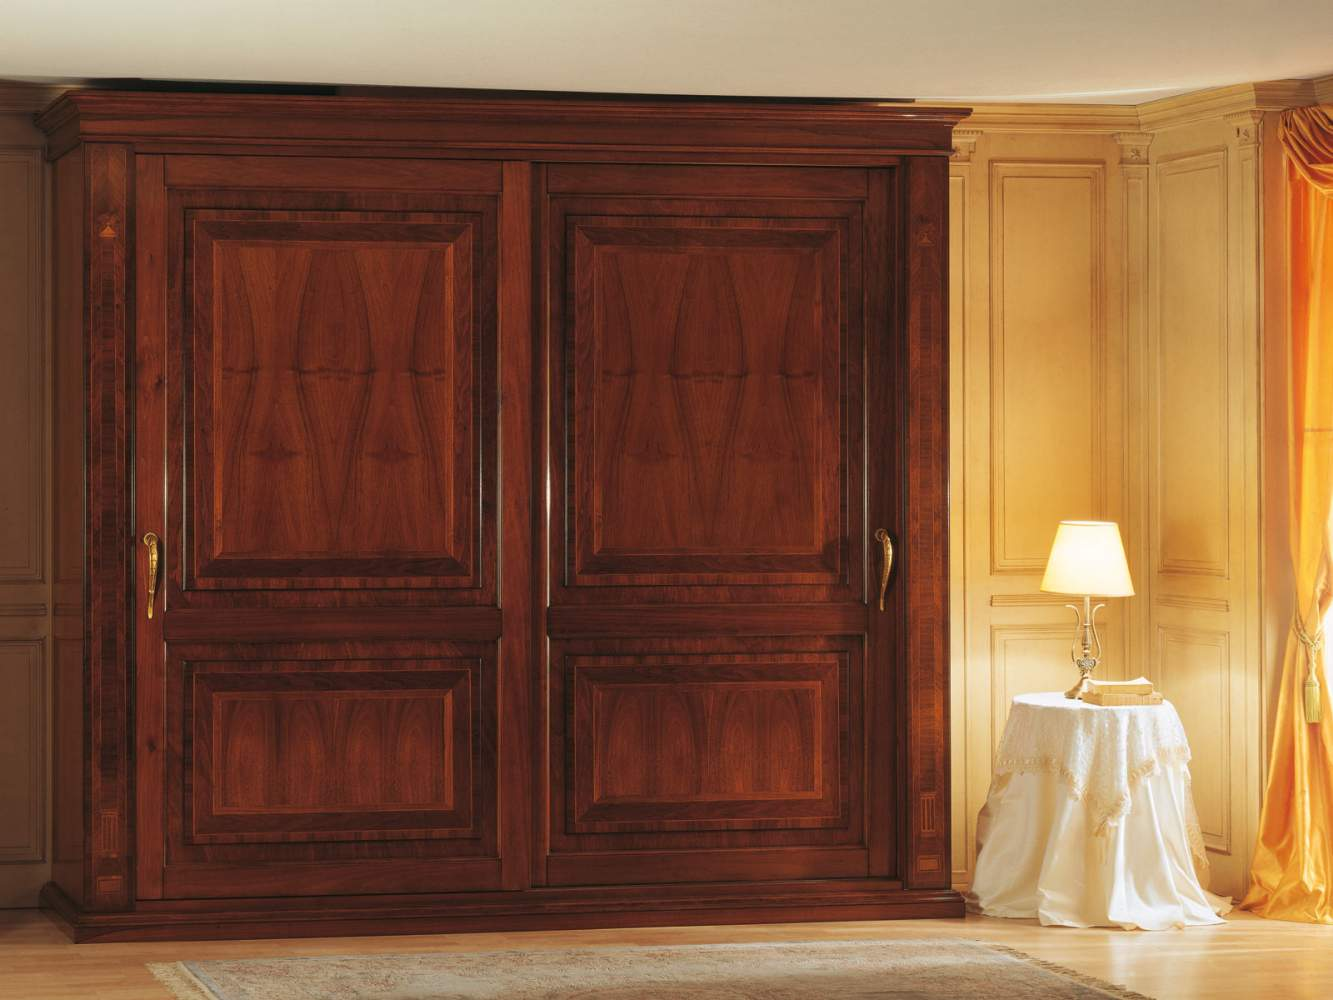 Camera da letto 800 francese, armadio due ante con intarsi  Vimercati ...